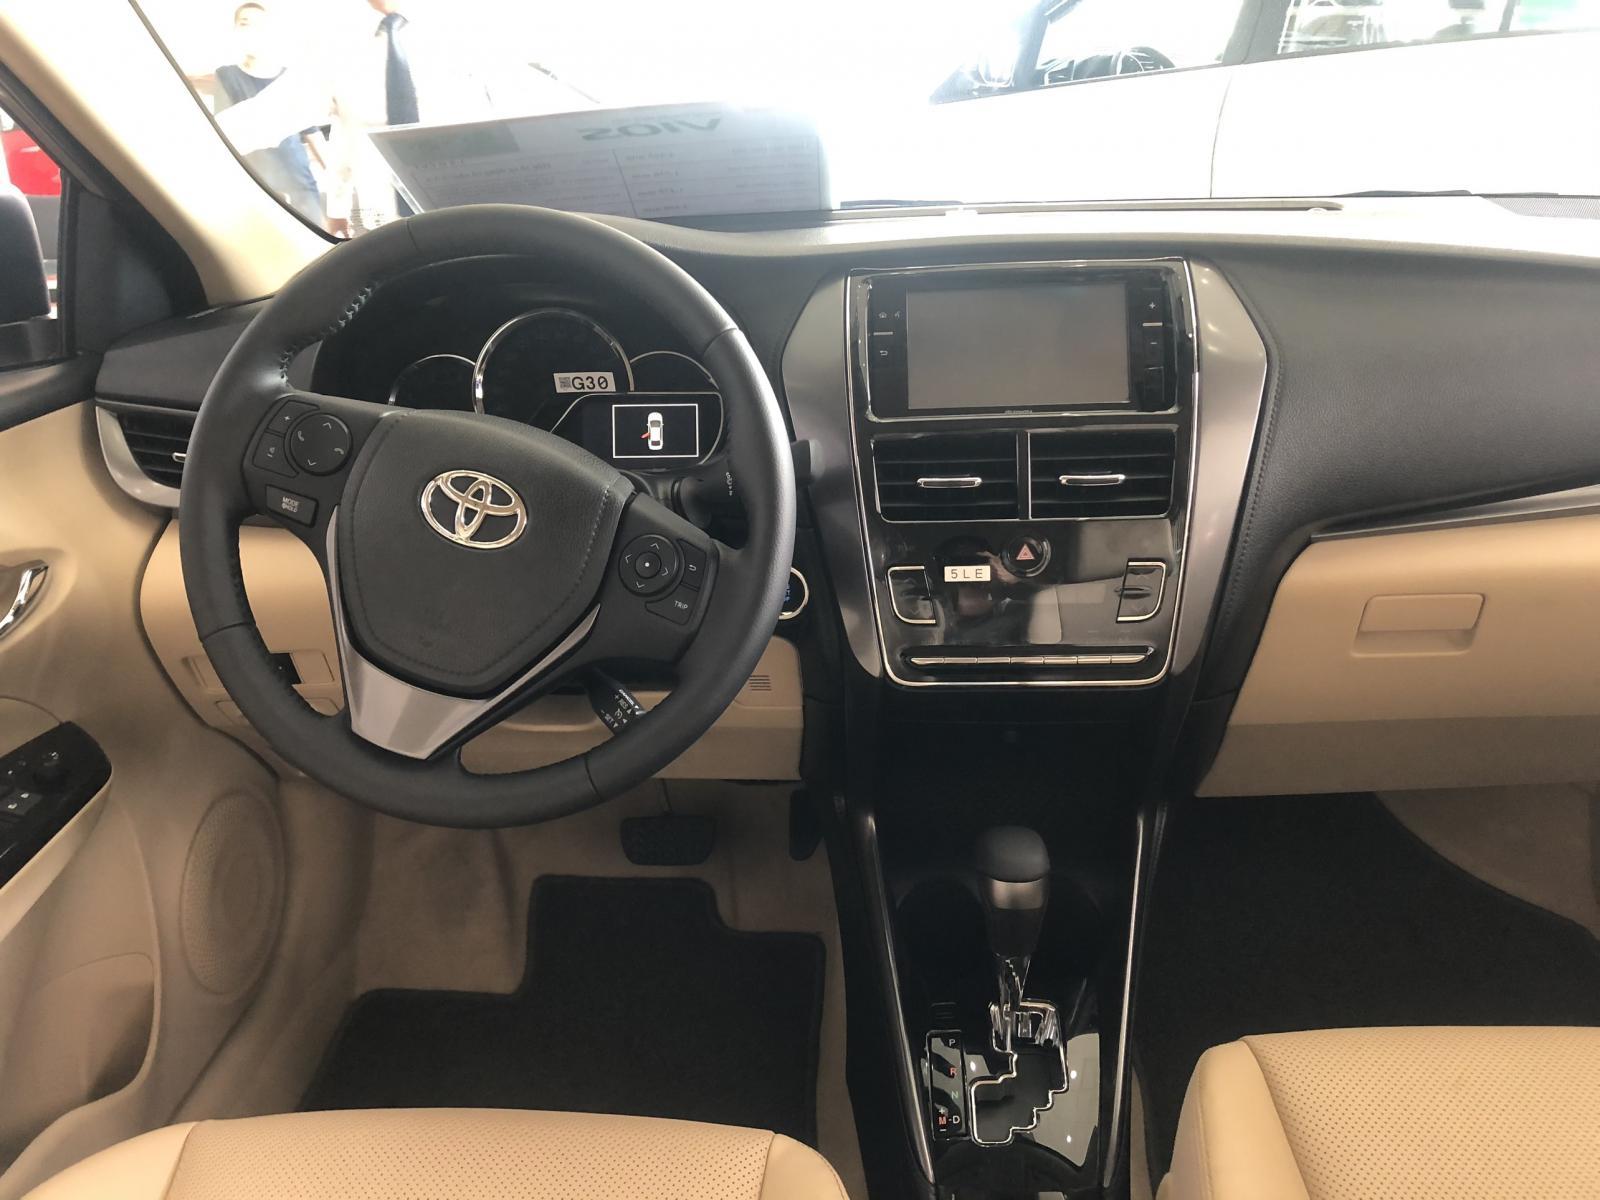 Cần bán Toyota Vios 1.5G CVT đời 2021, đủ màu, trả trước 140 triệu